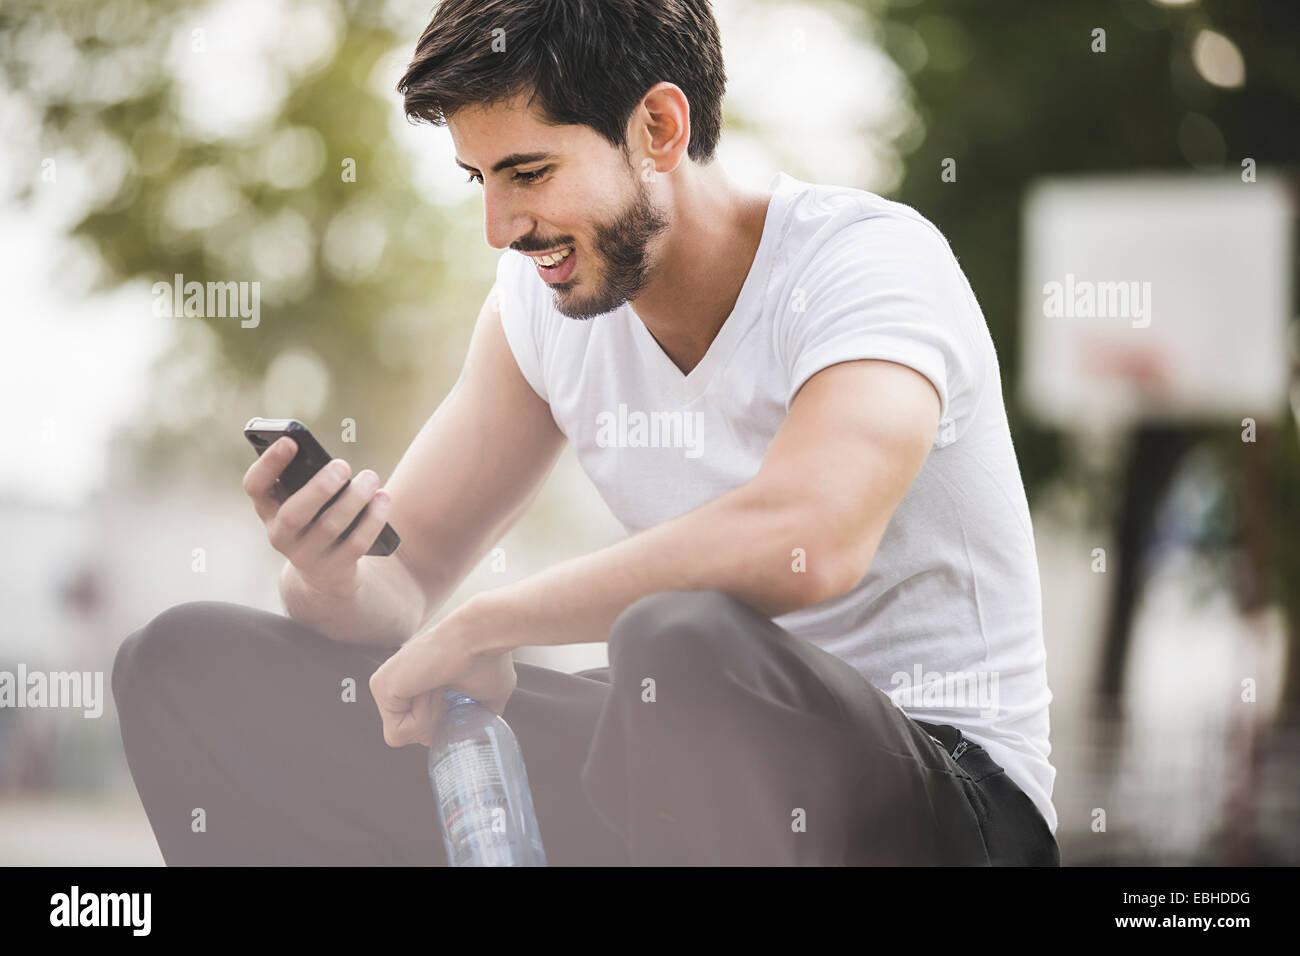 Junge männliche Basketball, Lesen von Texten auf smartphone Stockbild